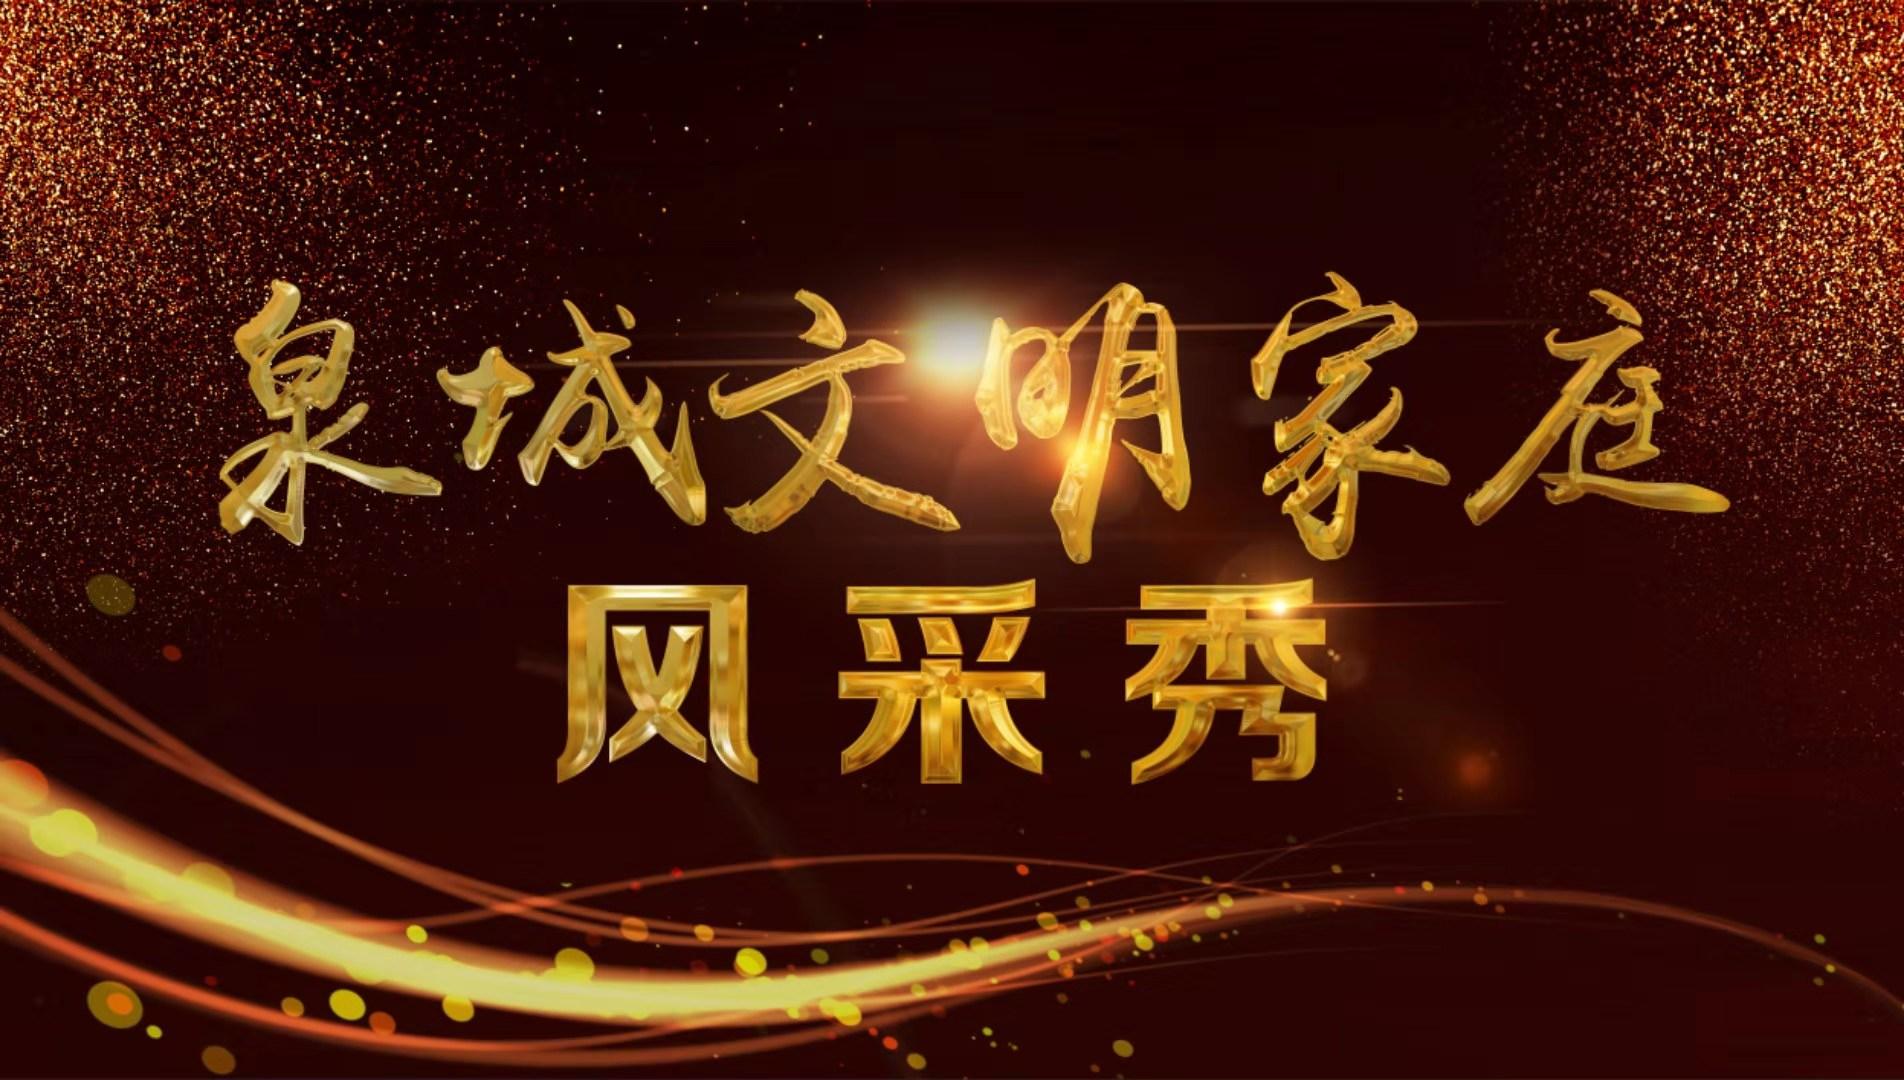 """泉城文明家庭微访谈丨听百年老校讲""""纬二家风"""" 济报""""融媒彩立方""""荣耀出品"""